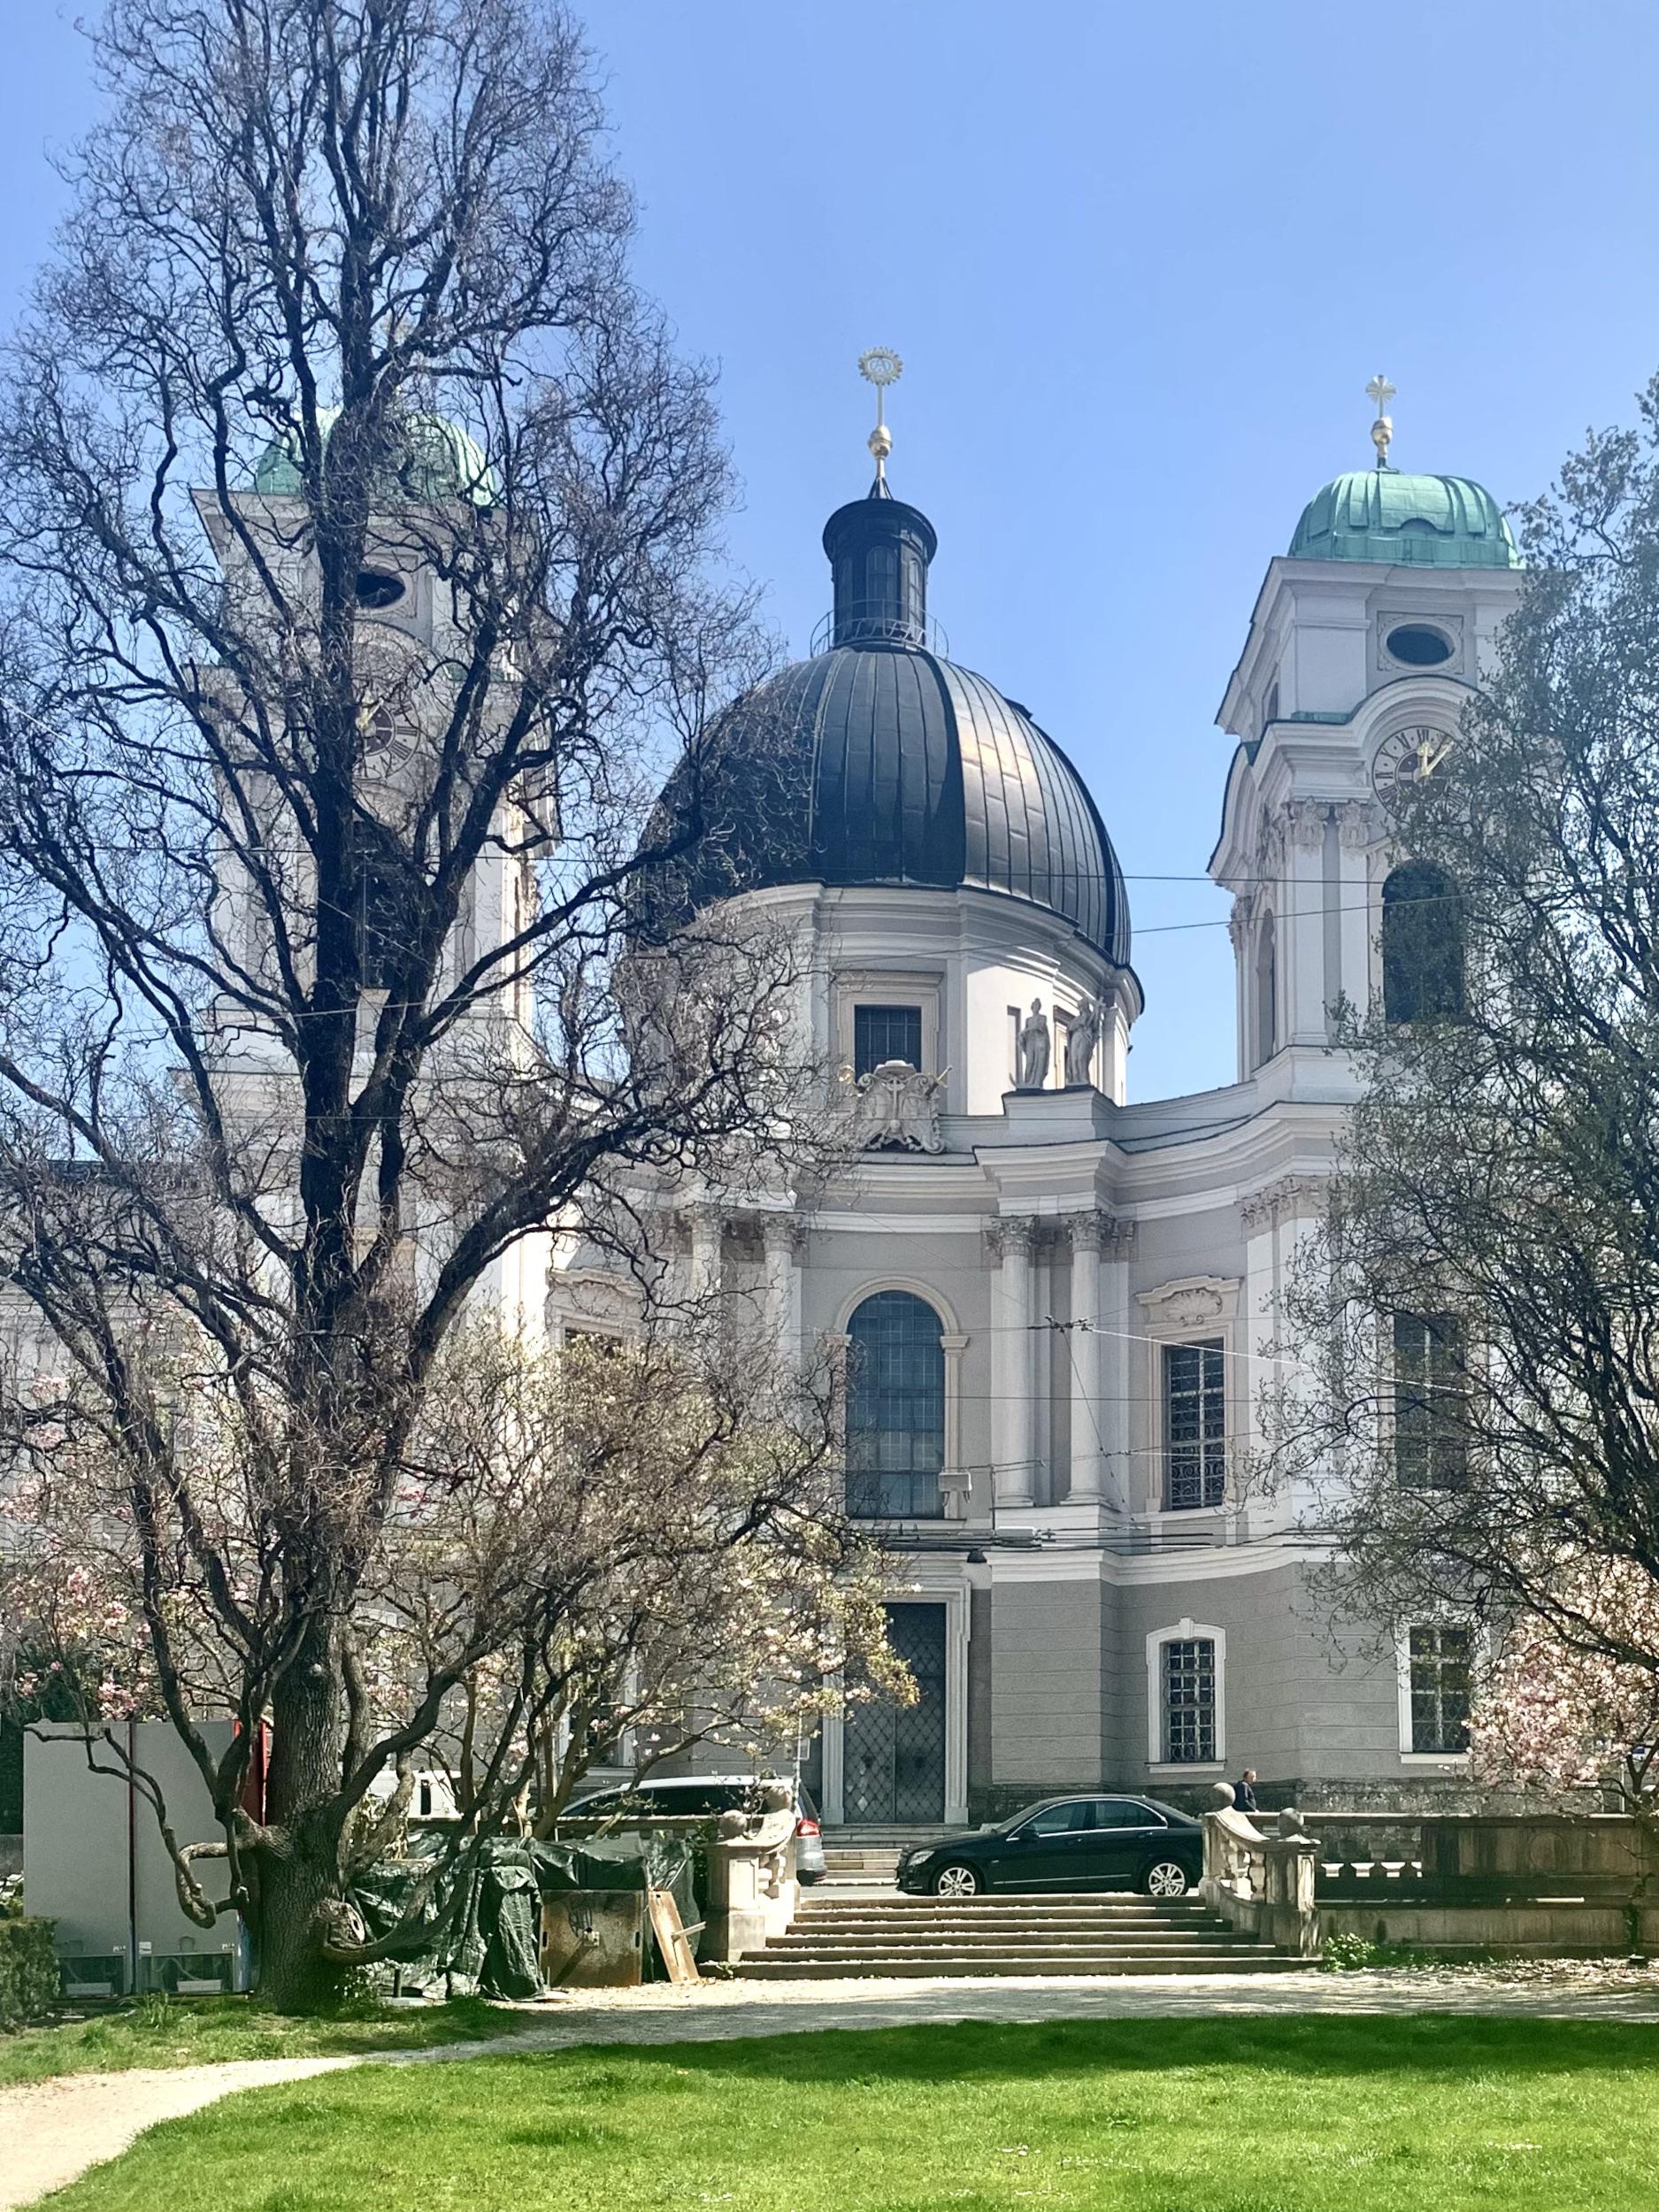 Holy Trinity Church, Dreifaltigkeitskirche